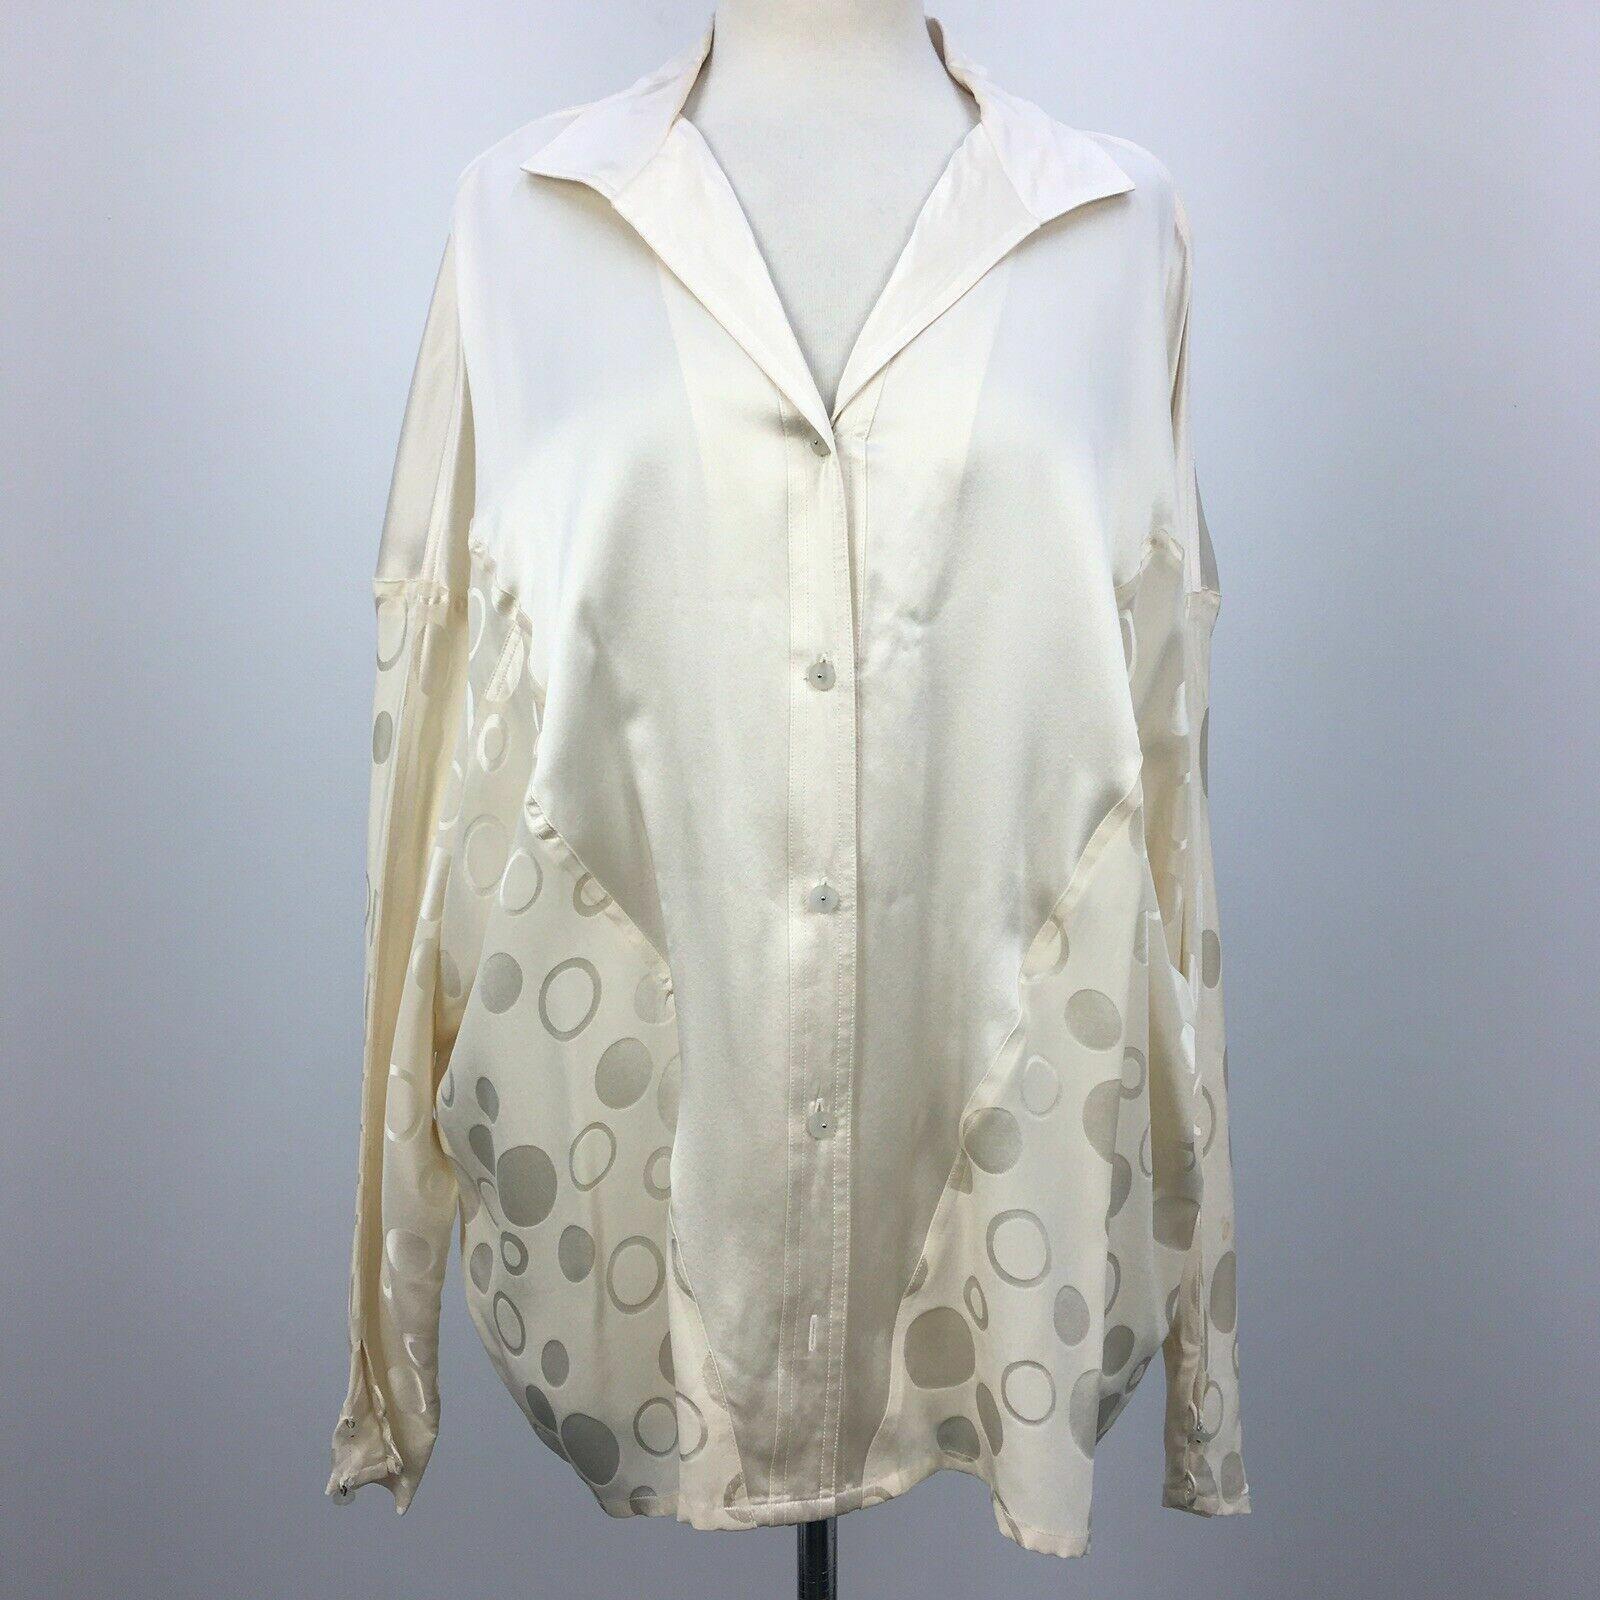 Francesca of damon silk top